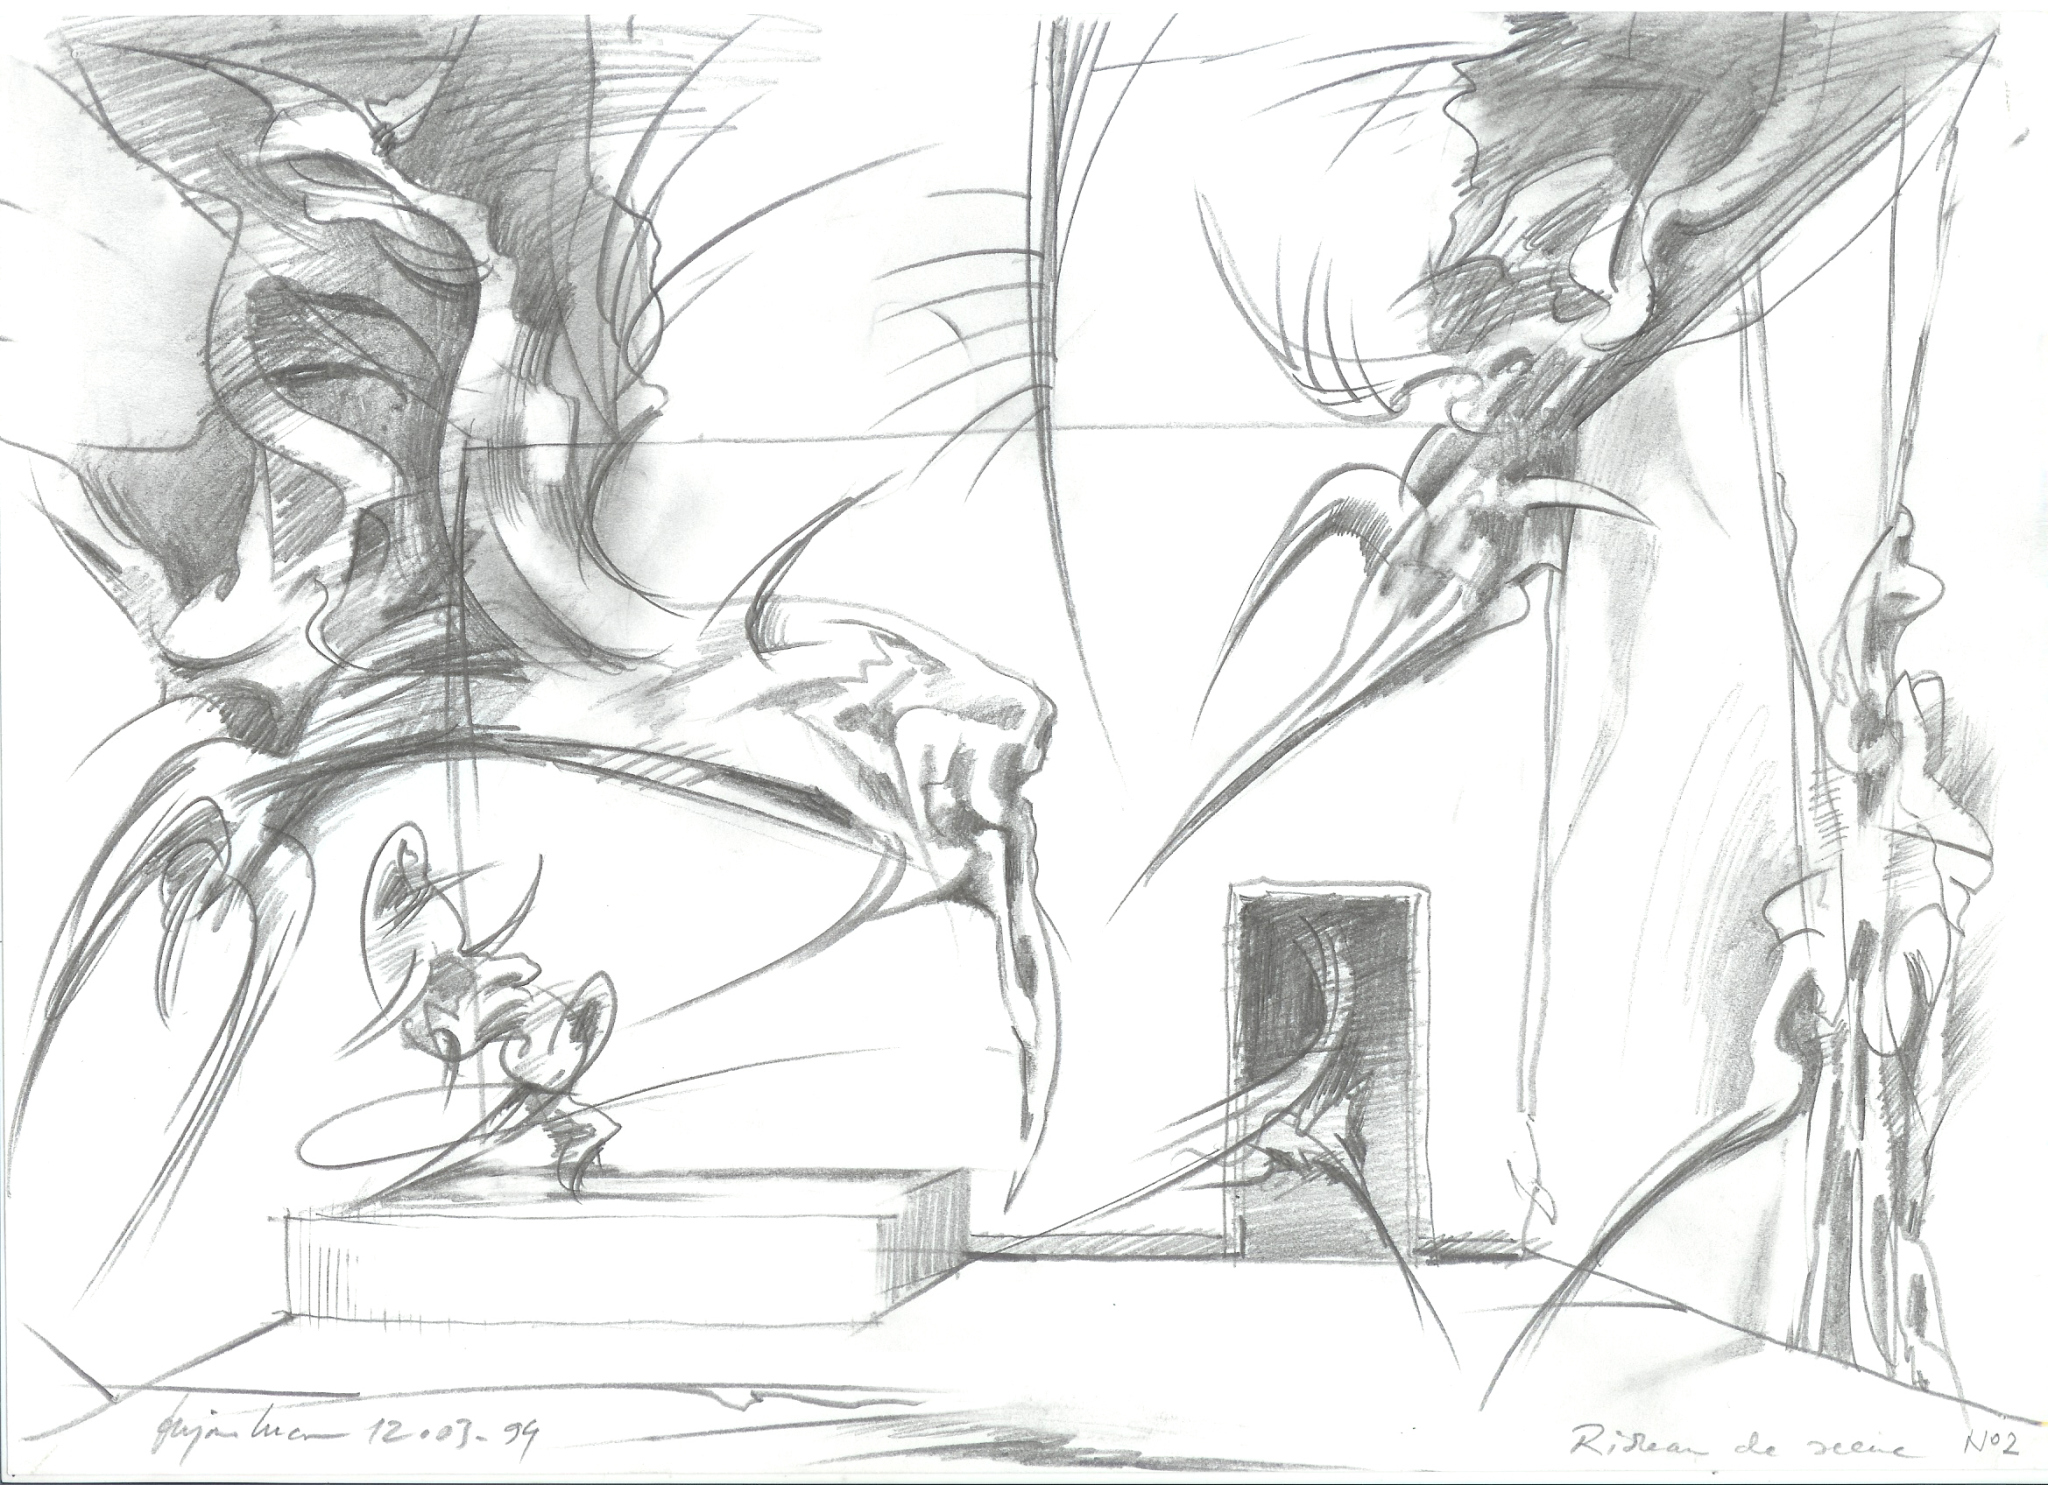 La chambre hantée #06